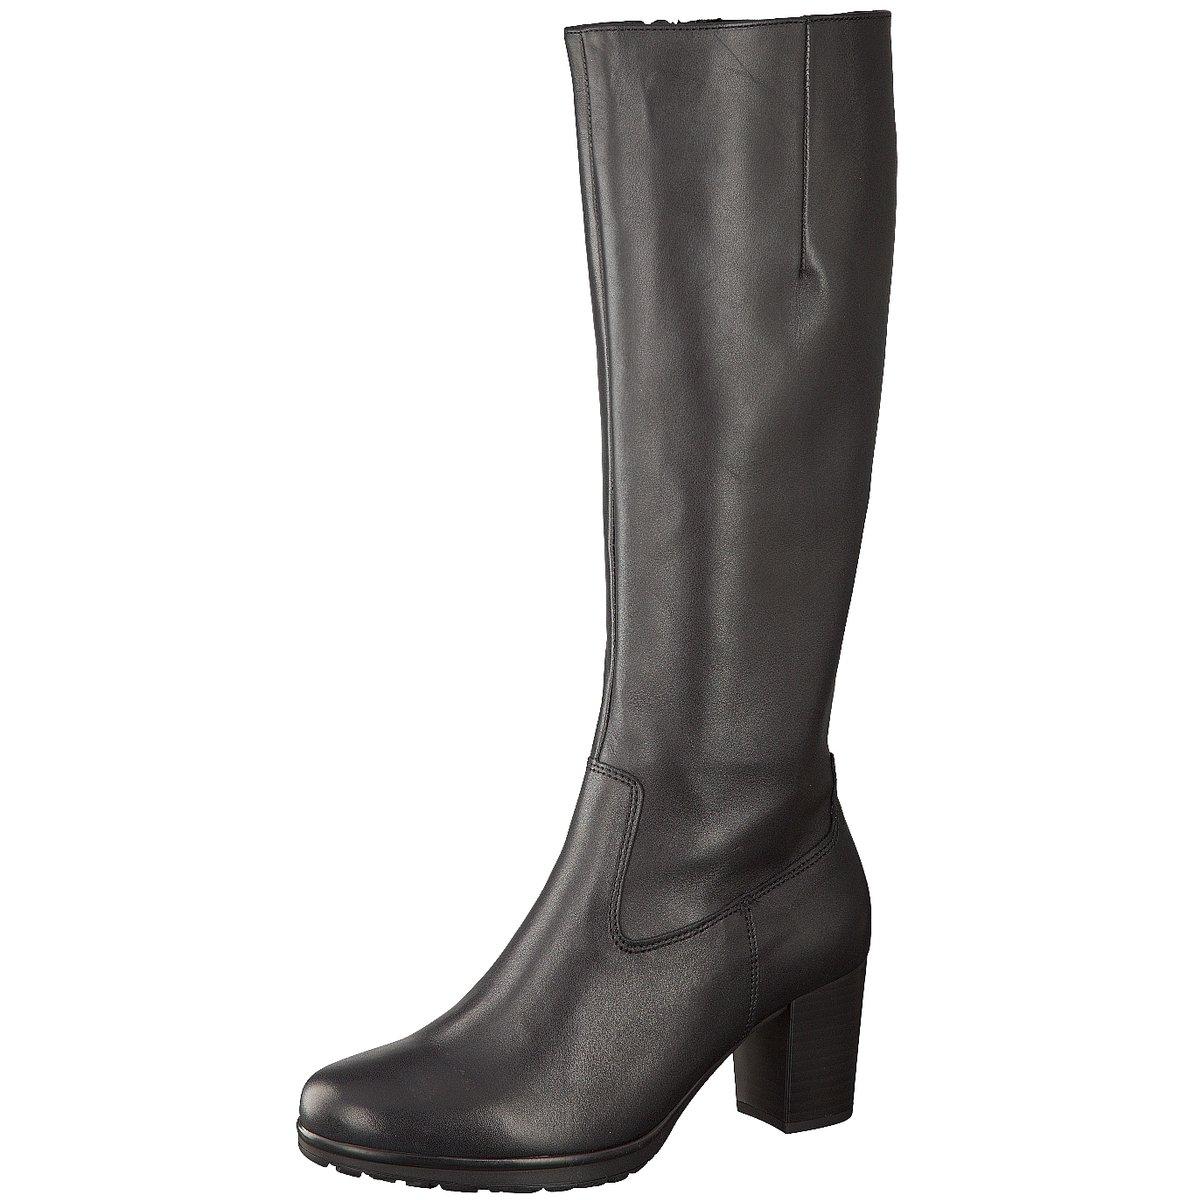 NEU Gabor Damen Stiefel Schaftweite S 75.548.27 schwarz 334593